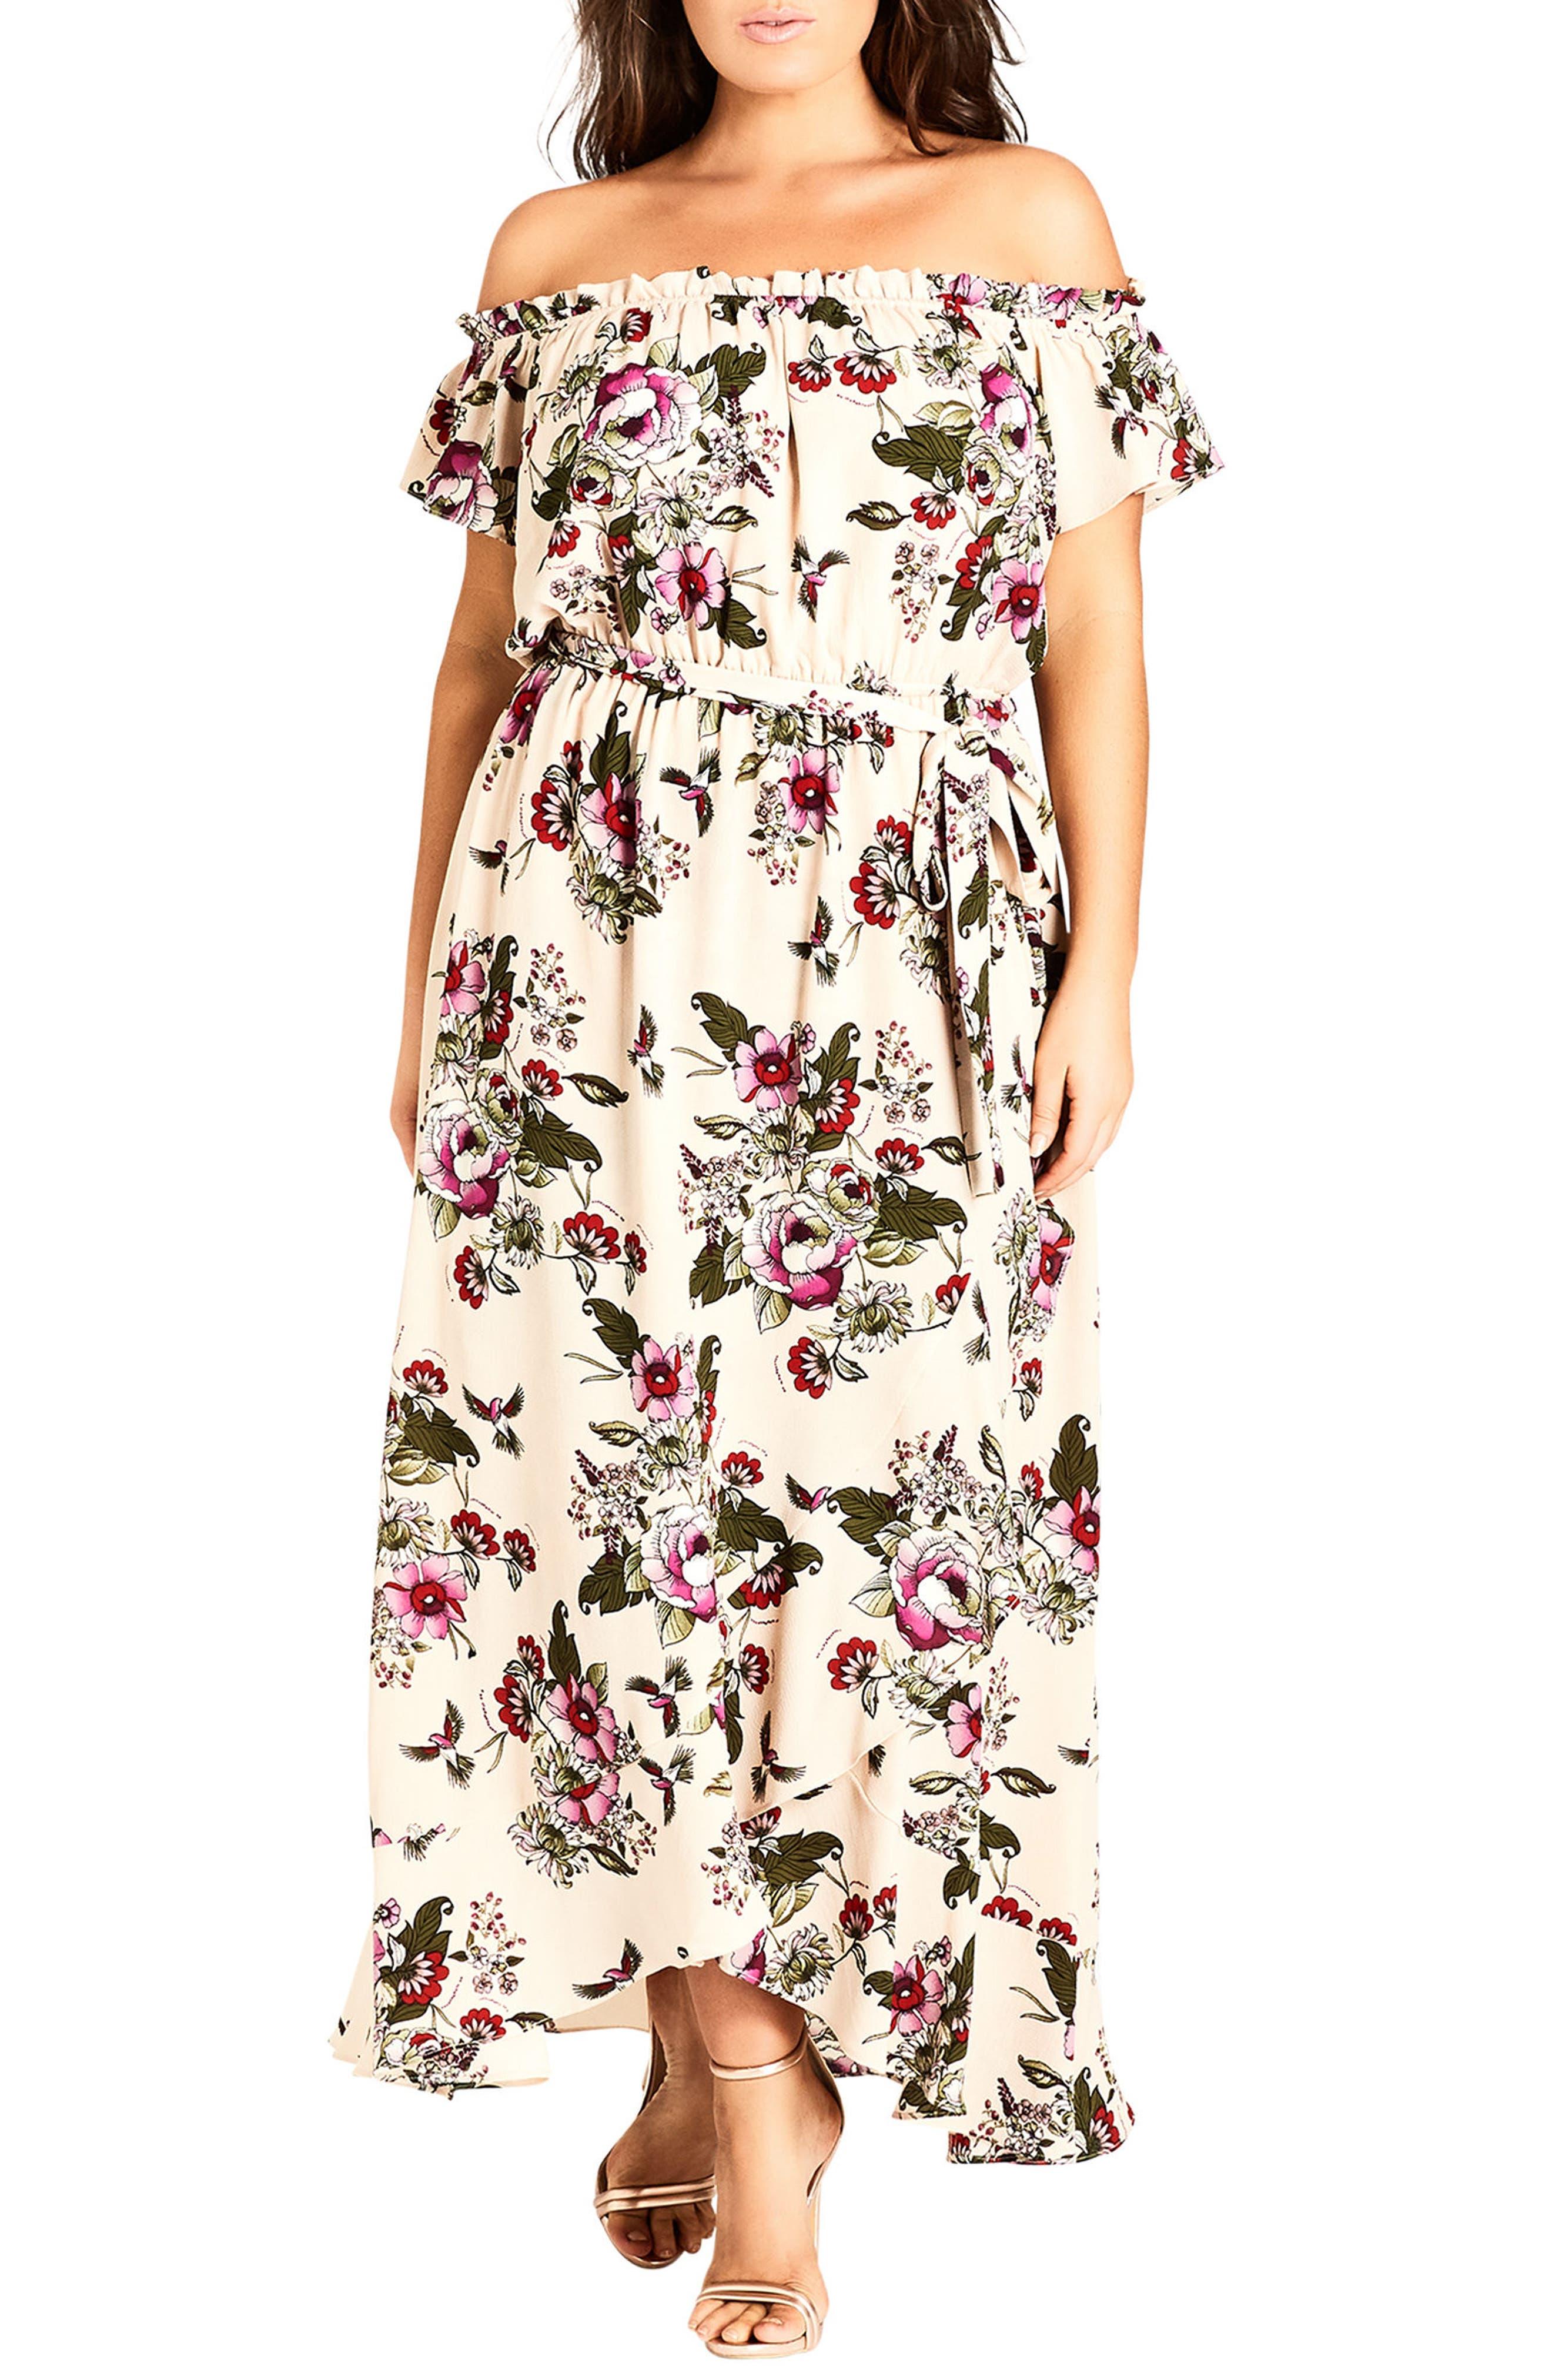 CITY CHIC Lolita Floral Off the Shoulder Maxi Dress, Main, color, ECRU